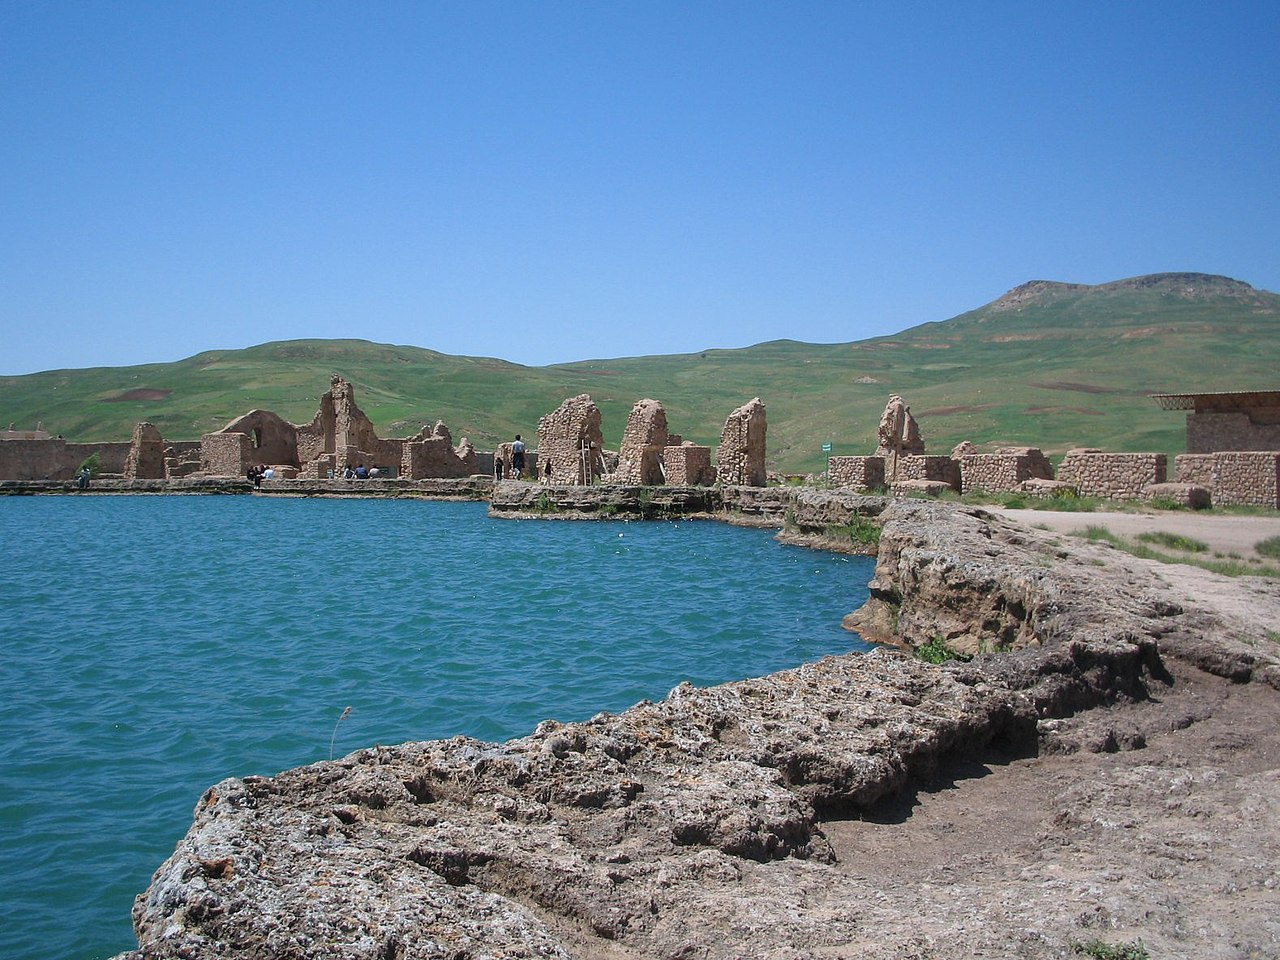 تخت سلیمان بزرگترین مرکز آموزشی، مذهبی، اجتماعی و عبادتگاه ایرانیان در قبل از اسلام بهشمار میرفت